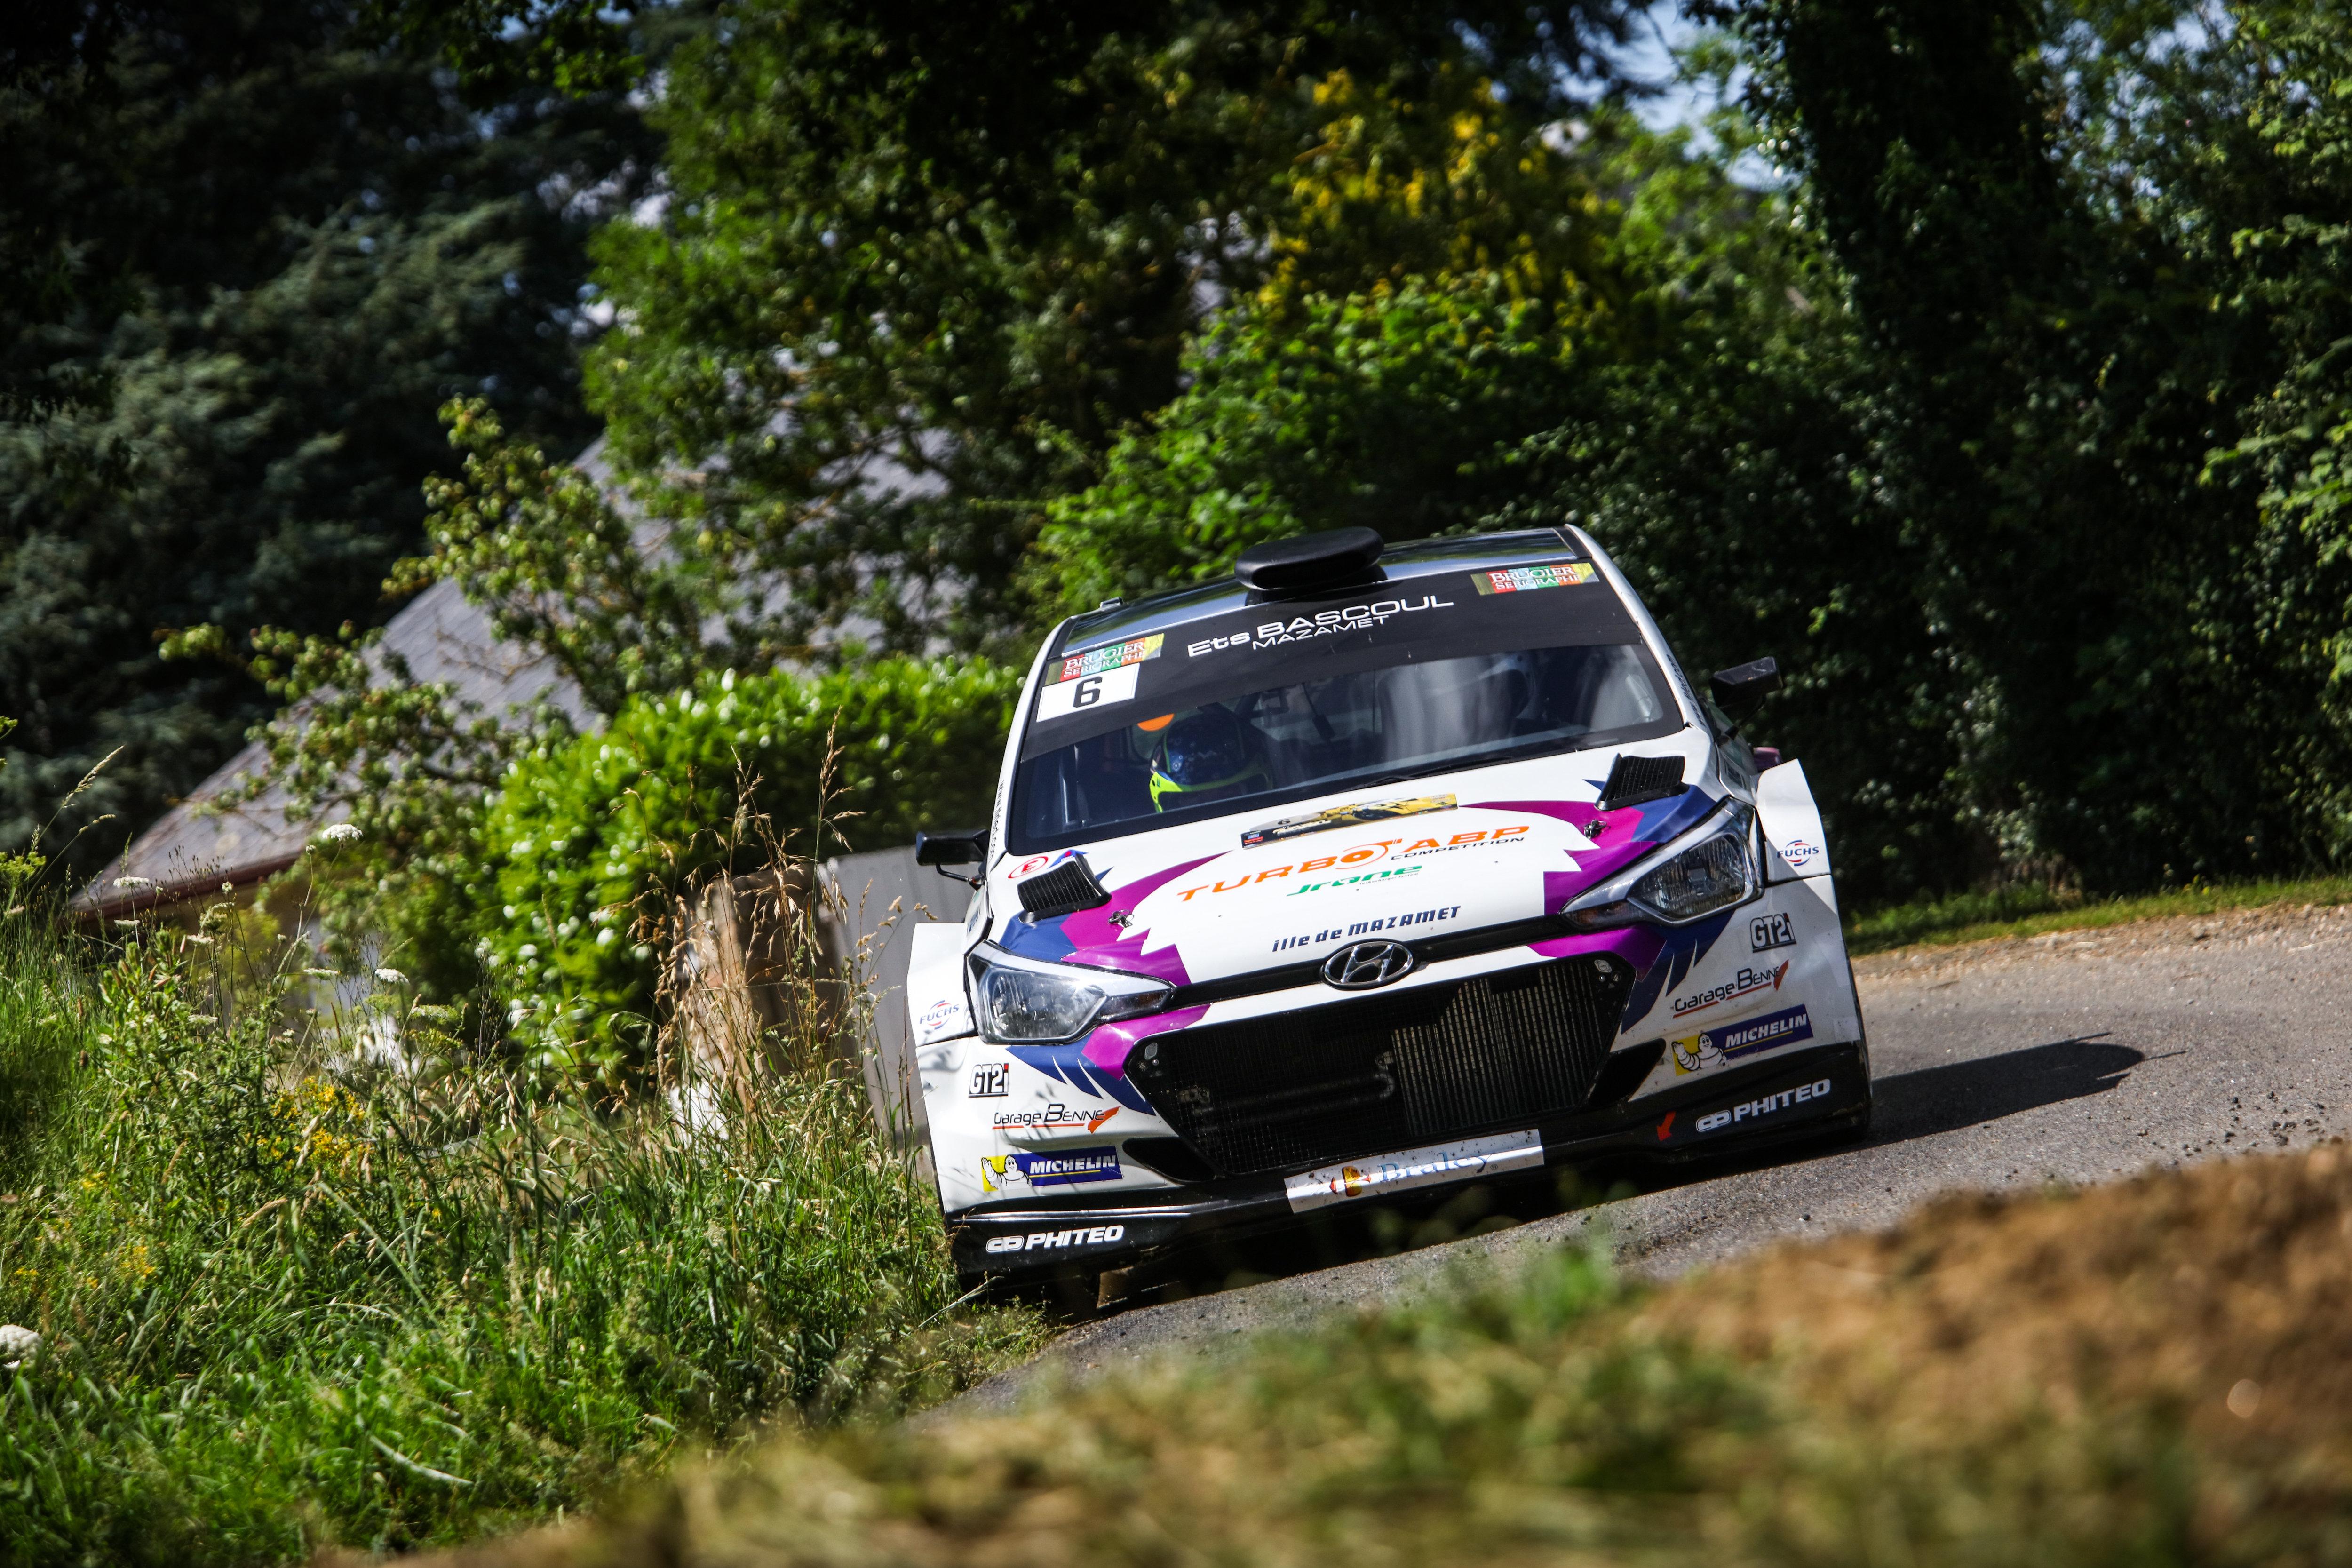 Jordan Berfa - i20 R5 - Rallye Aveyron Rouergue